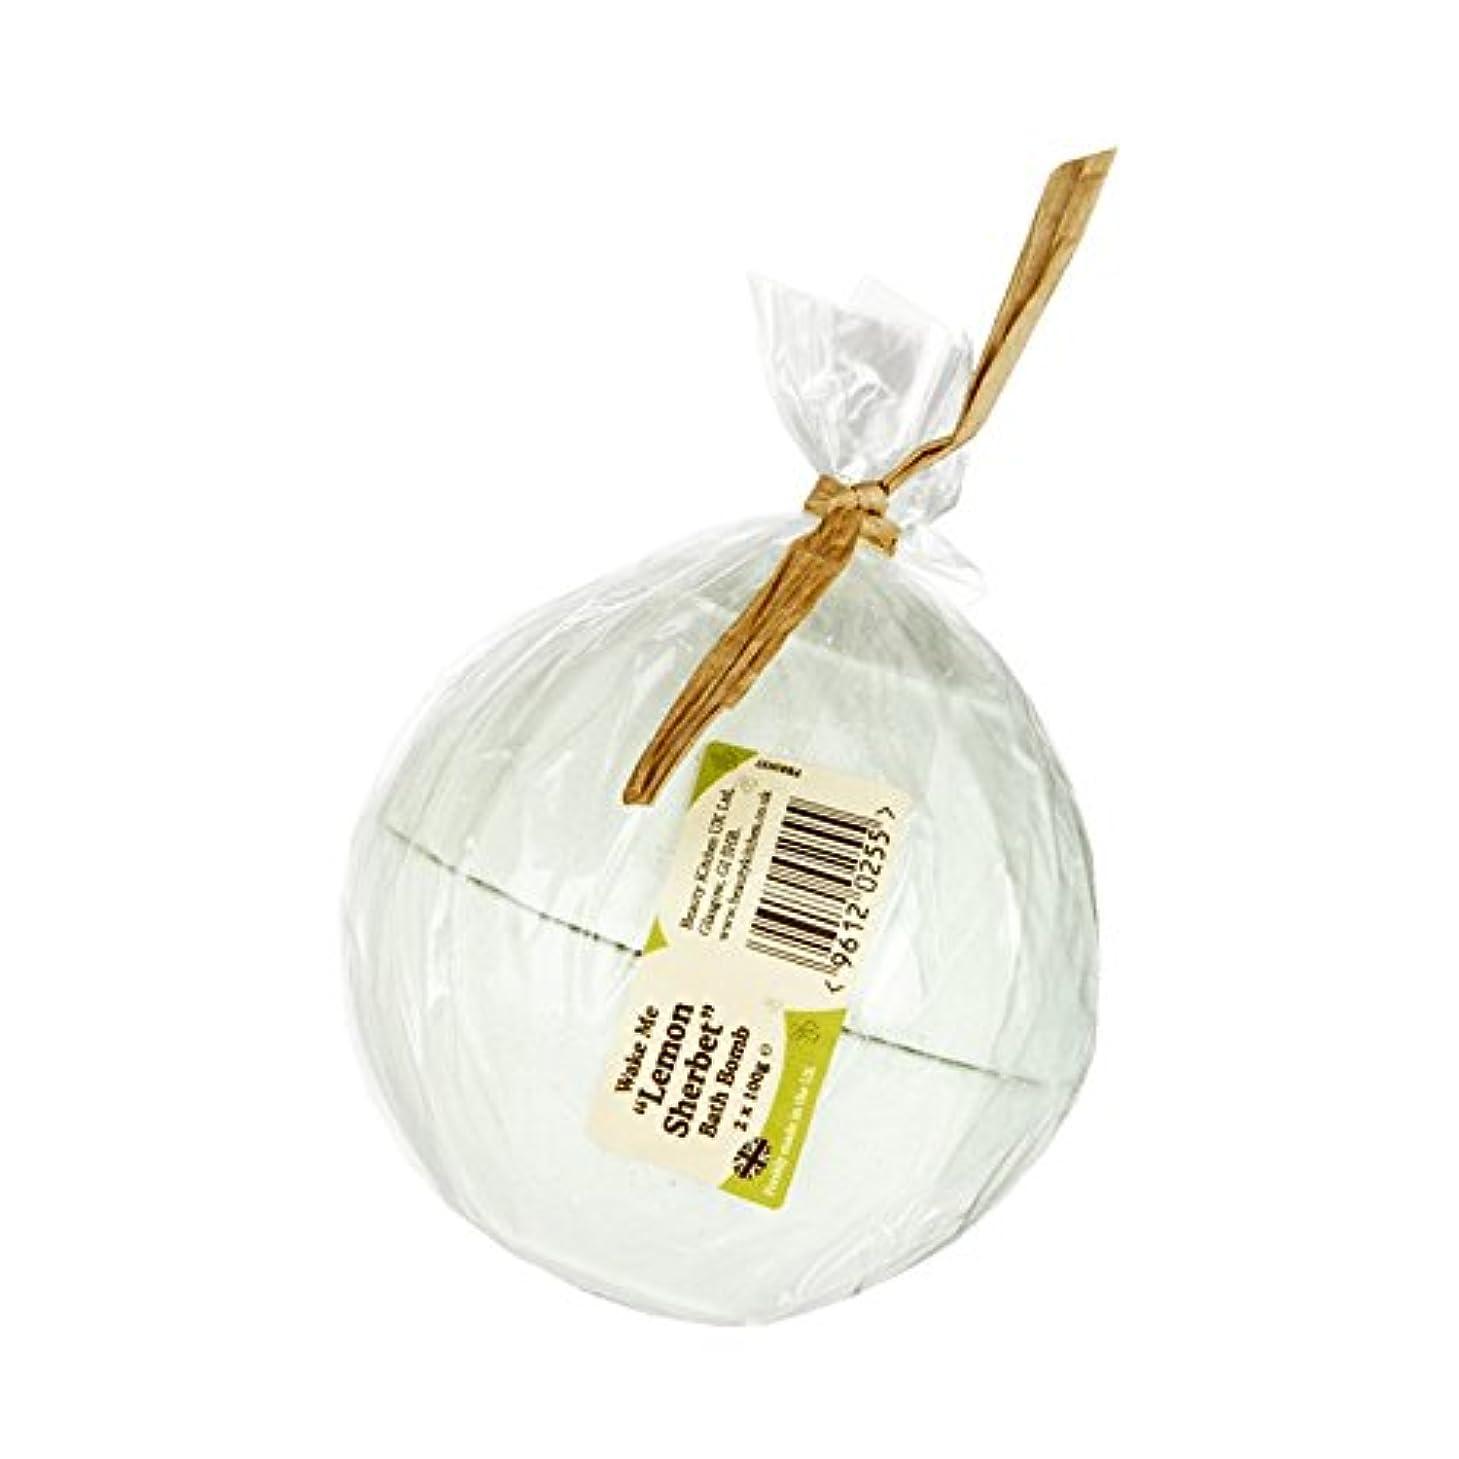 ほとんどない頑張る集団Beauty Kitchen Wake Me Lemon Sherbet Bath Bomb 2 x 100g (Pack of 2) - 美しさのキッチンは私にレモンシャーベットバス爆弾2×100グラムを覚まします (...